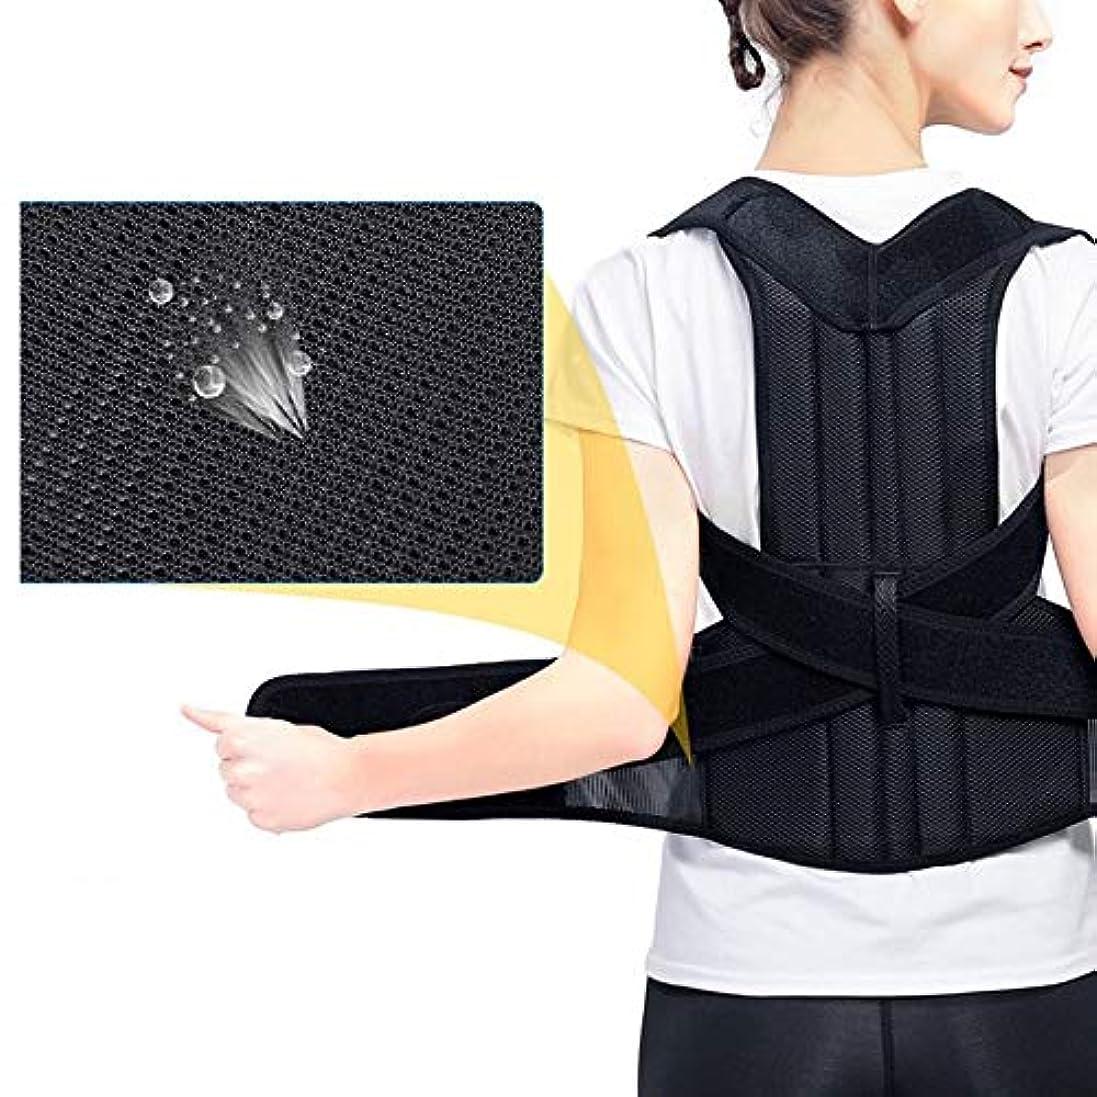 きつくステップなぜなら腰椎矯正バックブレース背骨装具側弯症腰椎サポート脊椎湾曲装具固定用姿勢 - 黒